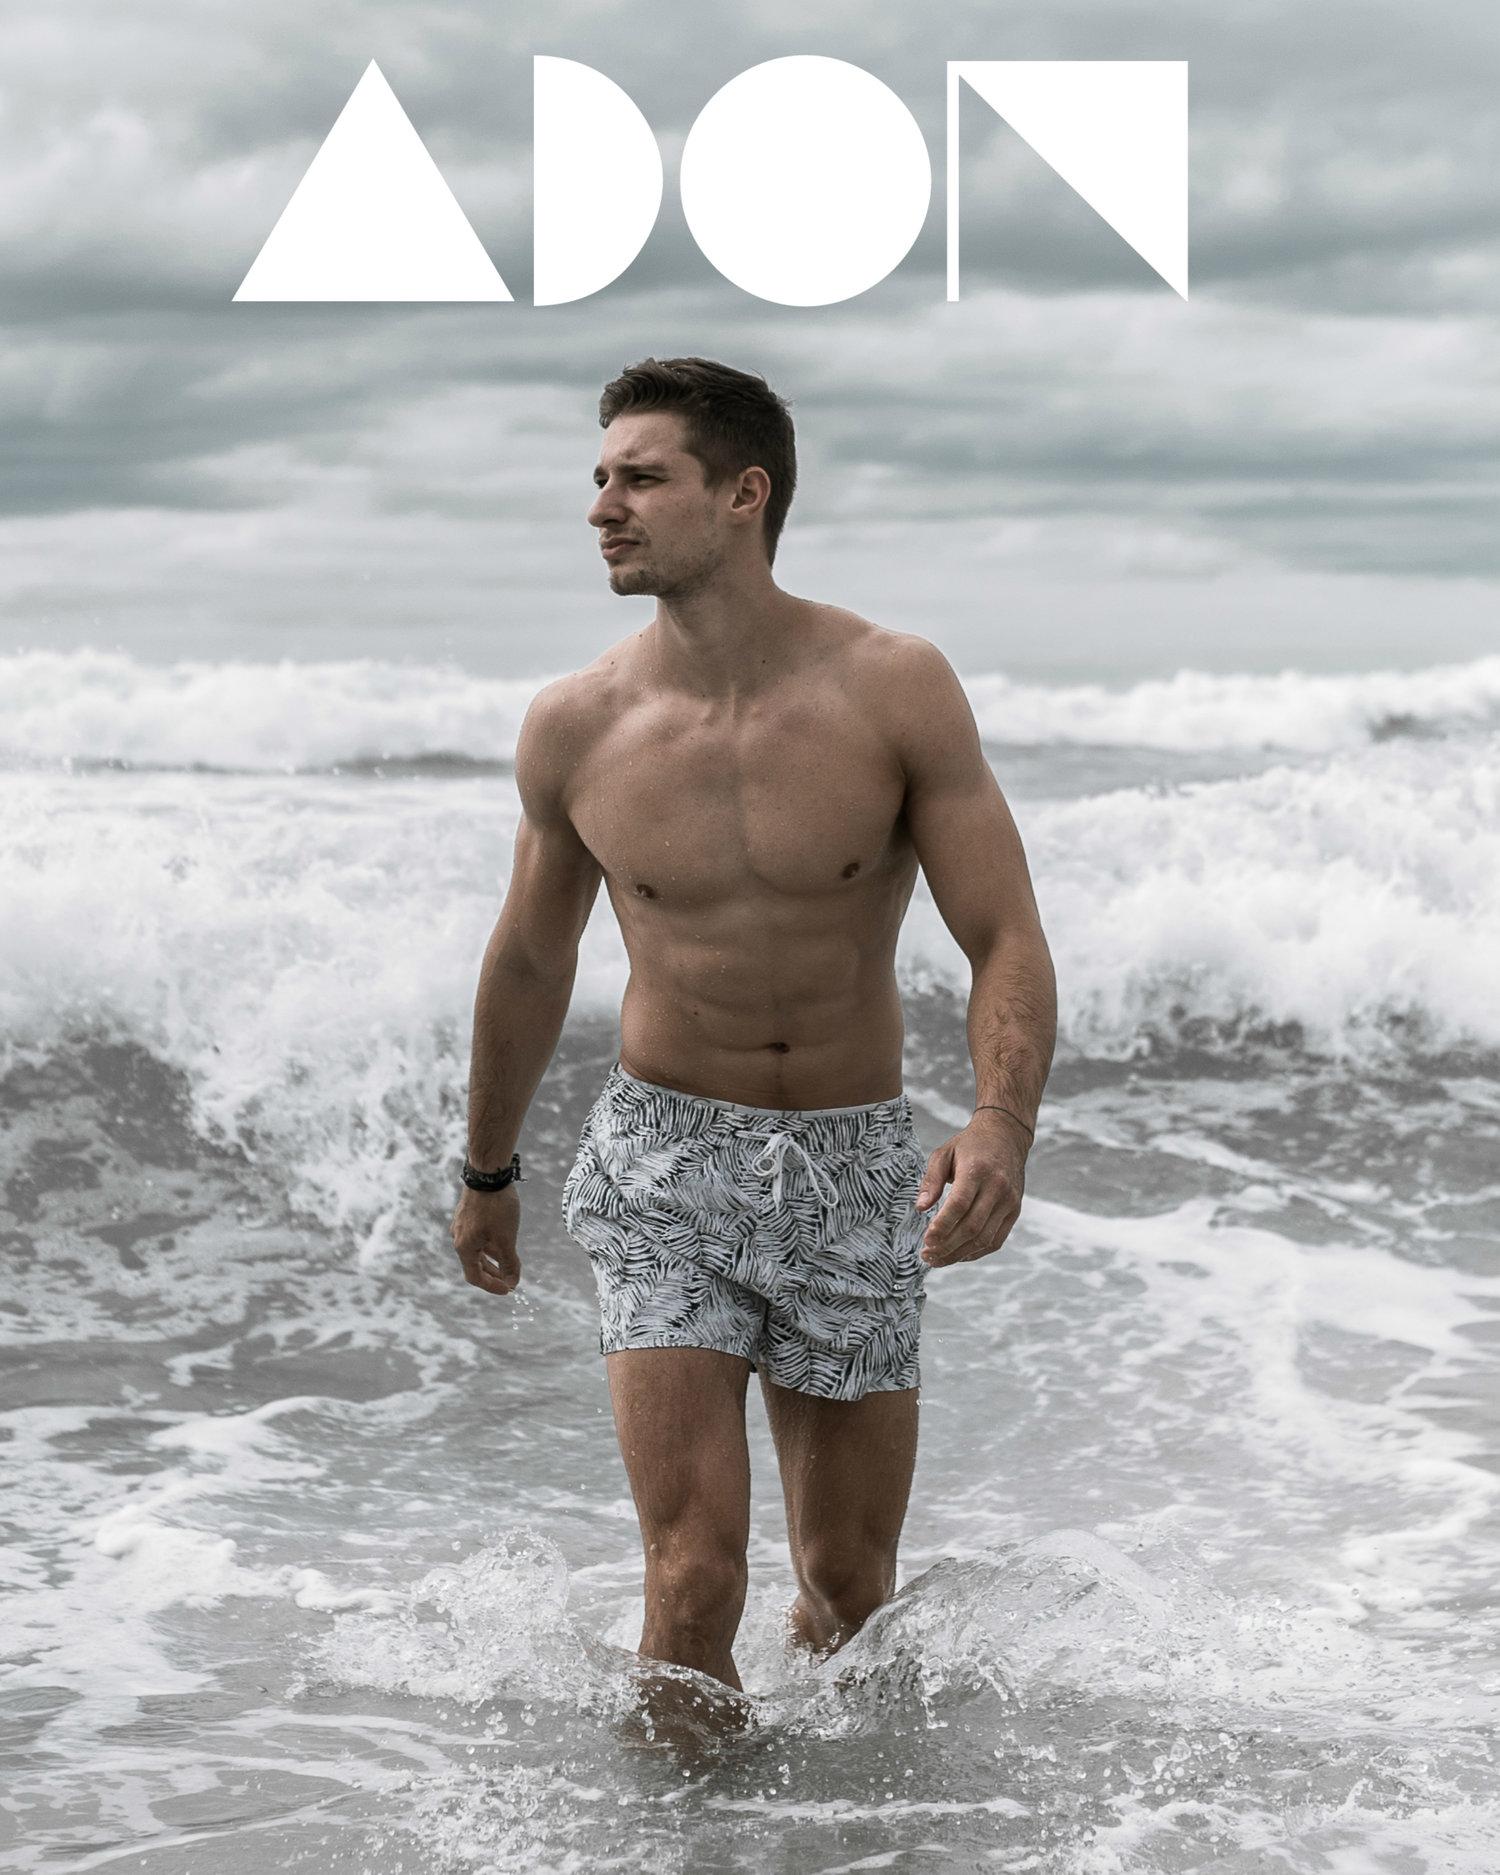 Adon Exclusive: Model Gabriel Roure By John Carlos Ramos